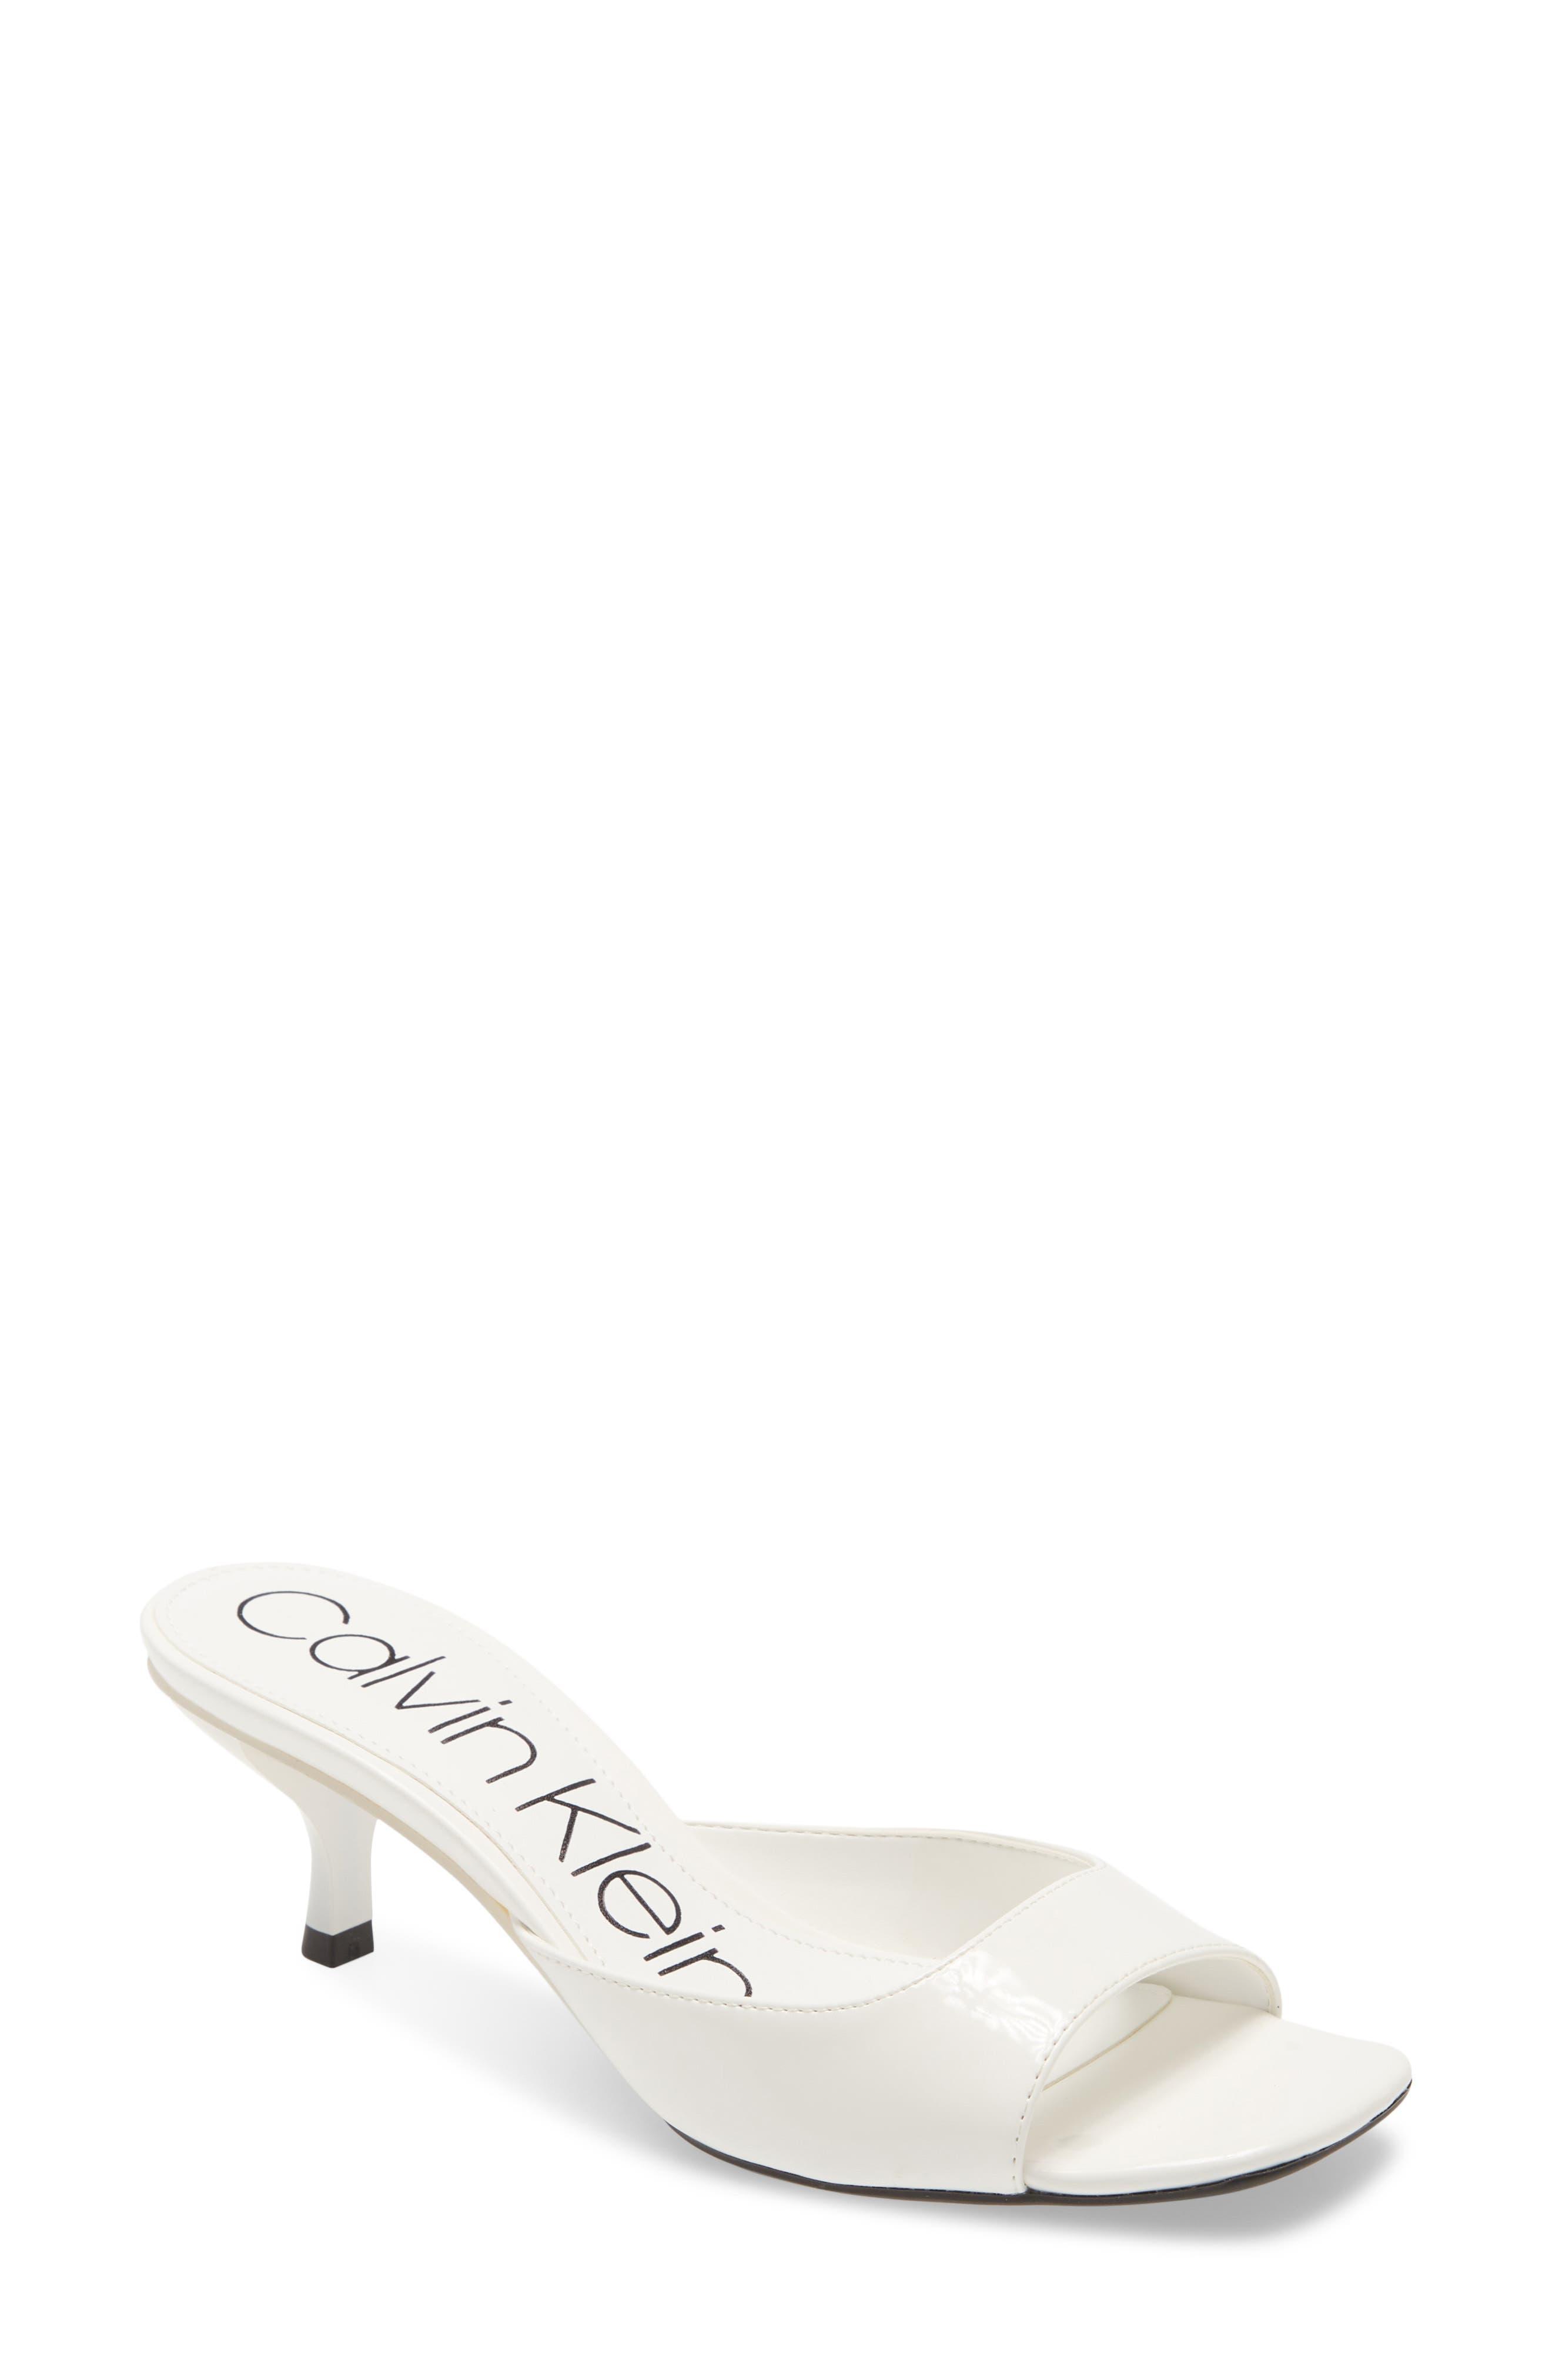 Women's Calvin Klein Sandals and Flip